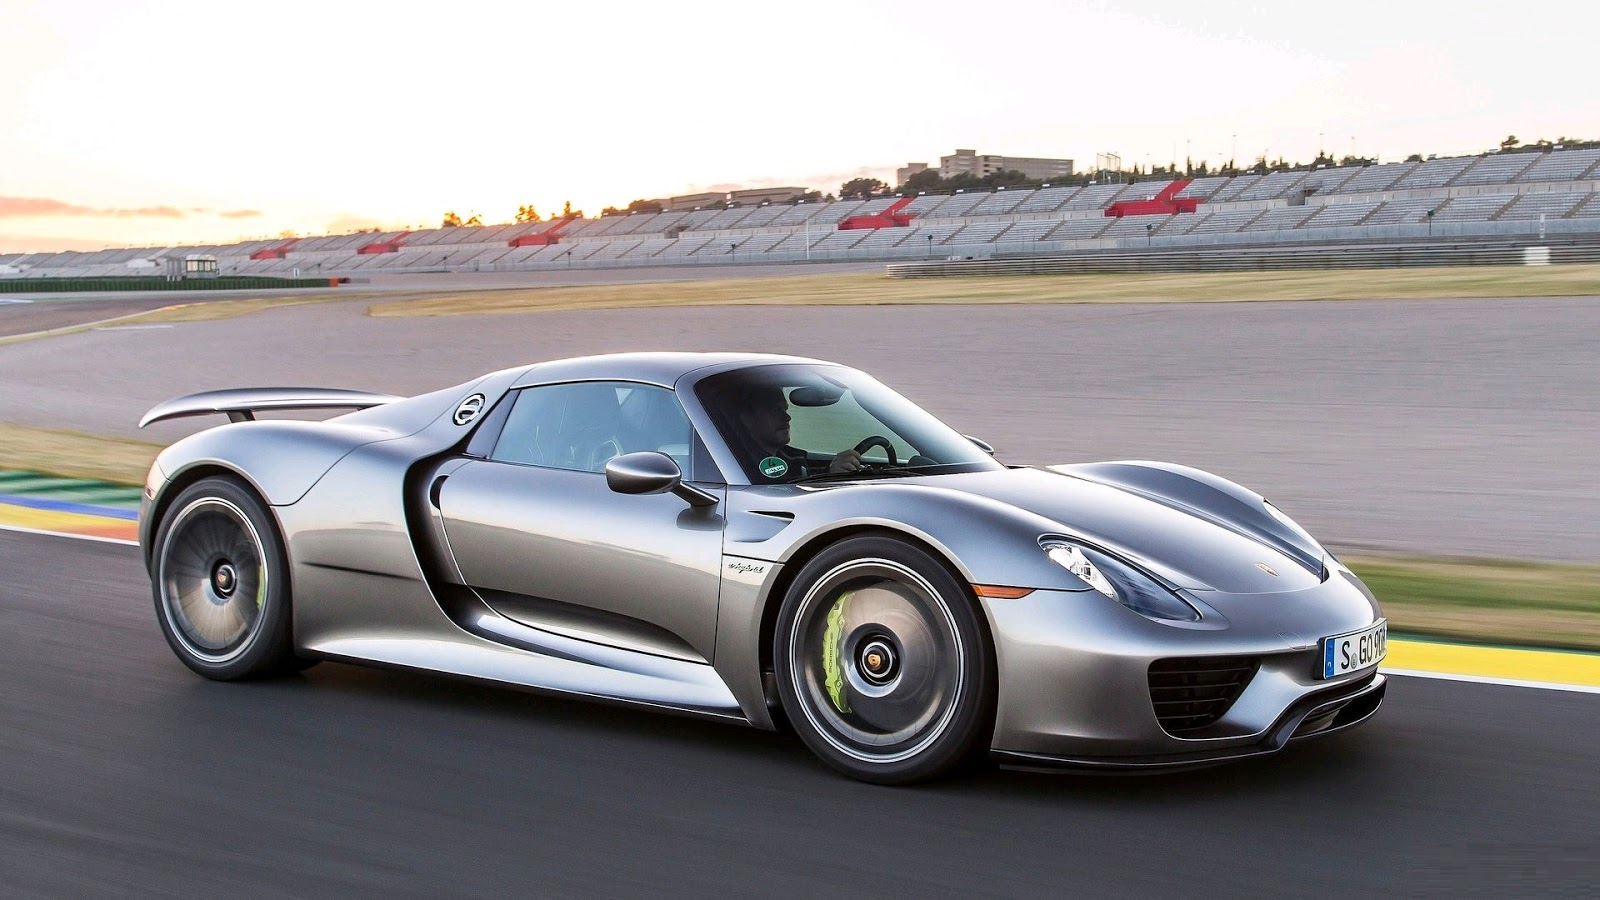 Porsche 918 Spyder là một trong những siêu phẩm đắt giá của Porsche